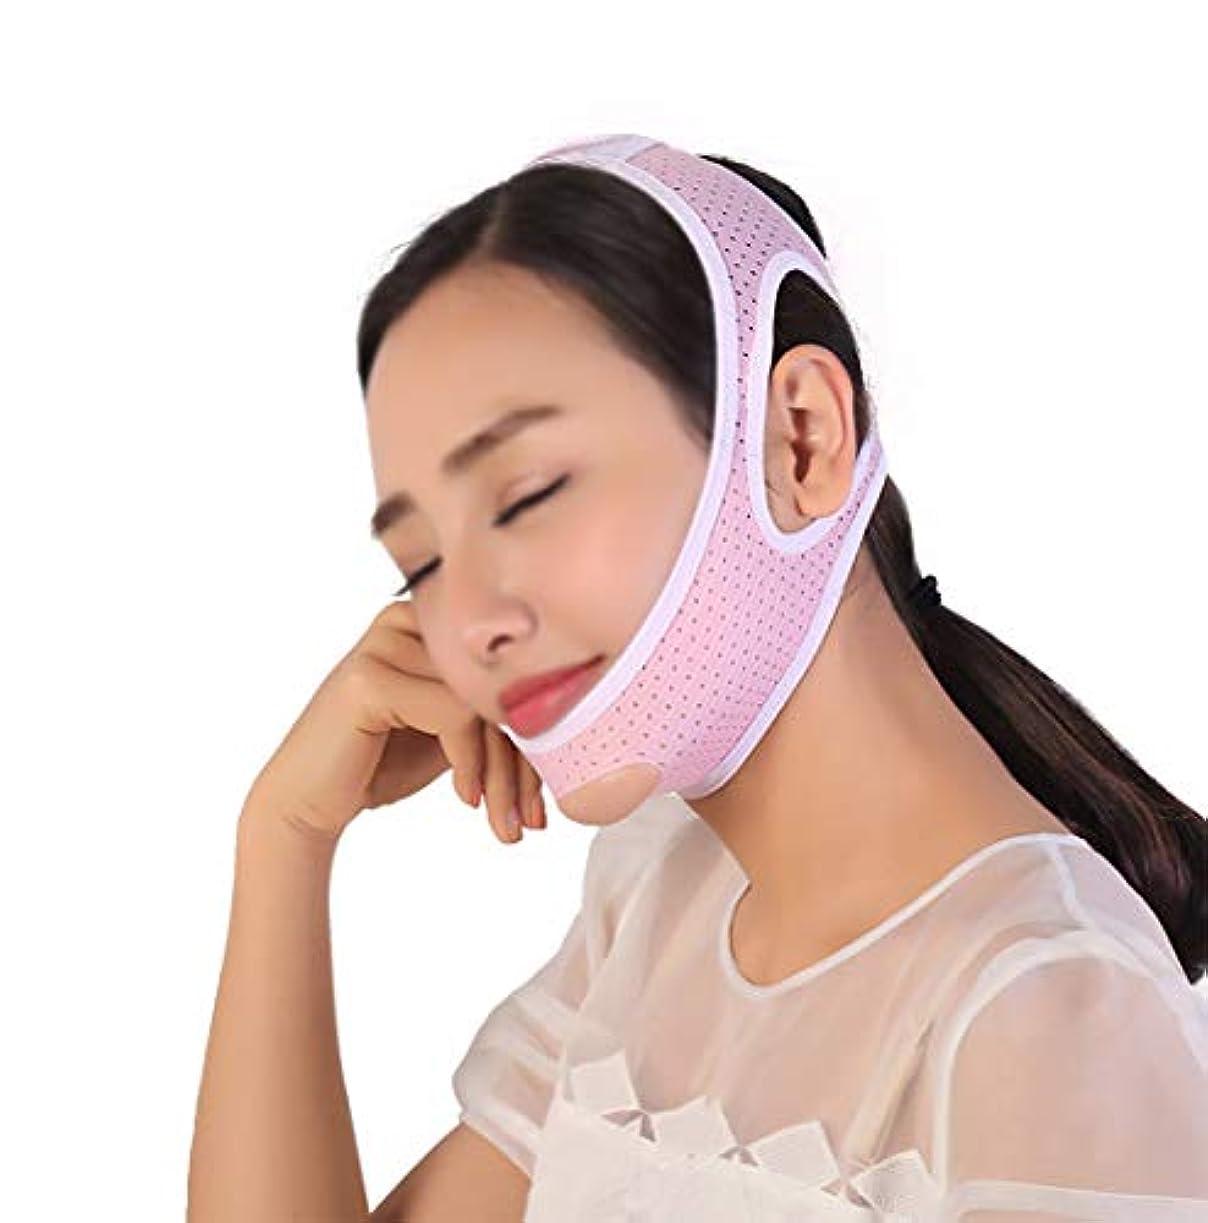 百万上陸ストライドフェイスリフトフェイシャル、肌のリラクゼーションを防ぐVフェイスマスクVフェイスアーチファクトフェイスリフト包帯フェイスケア (Size : M)